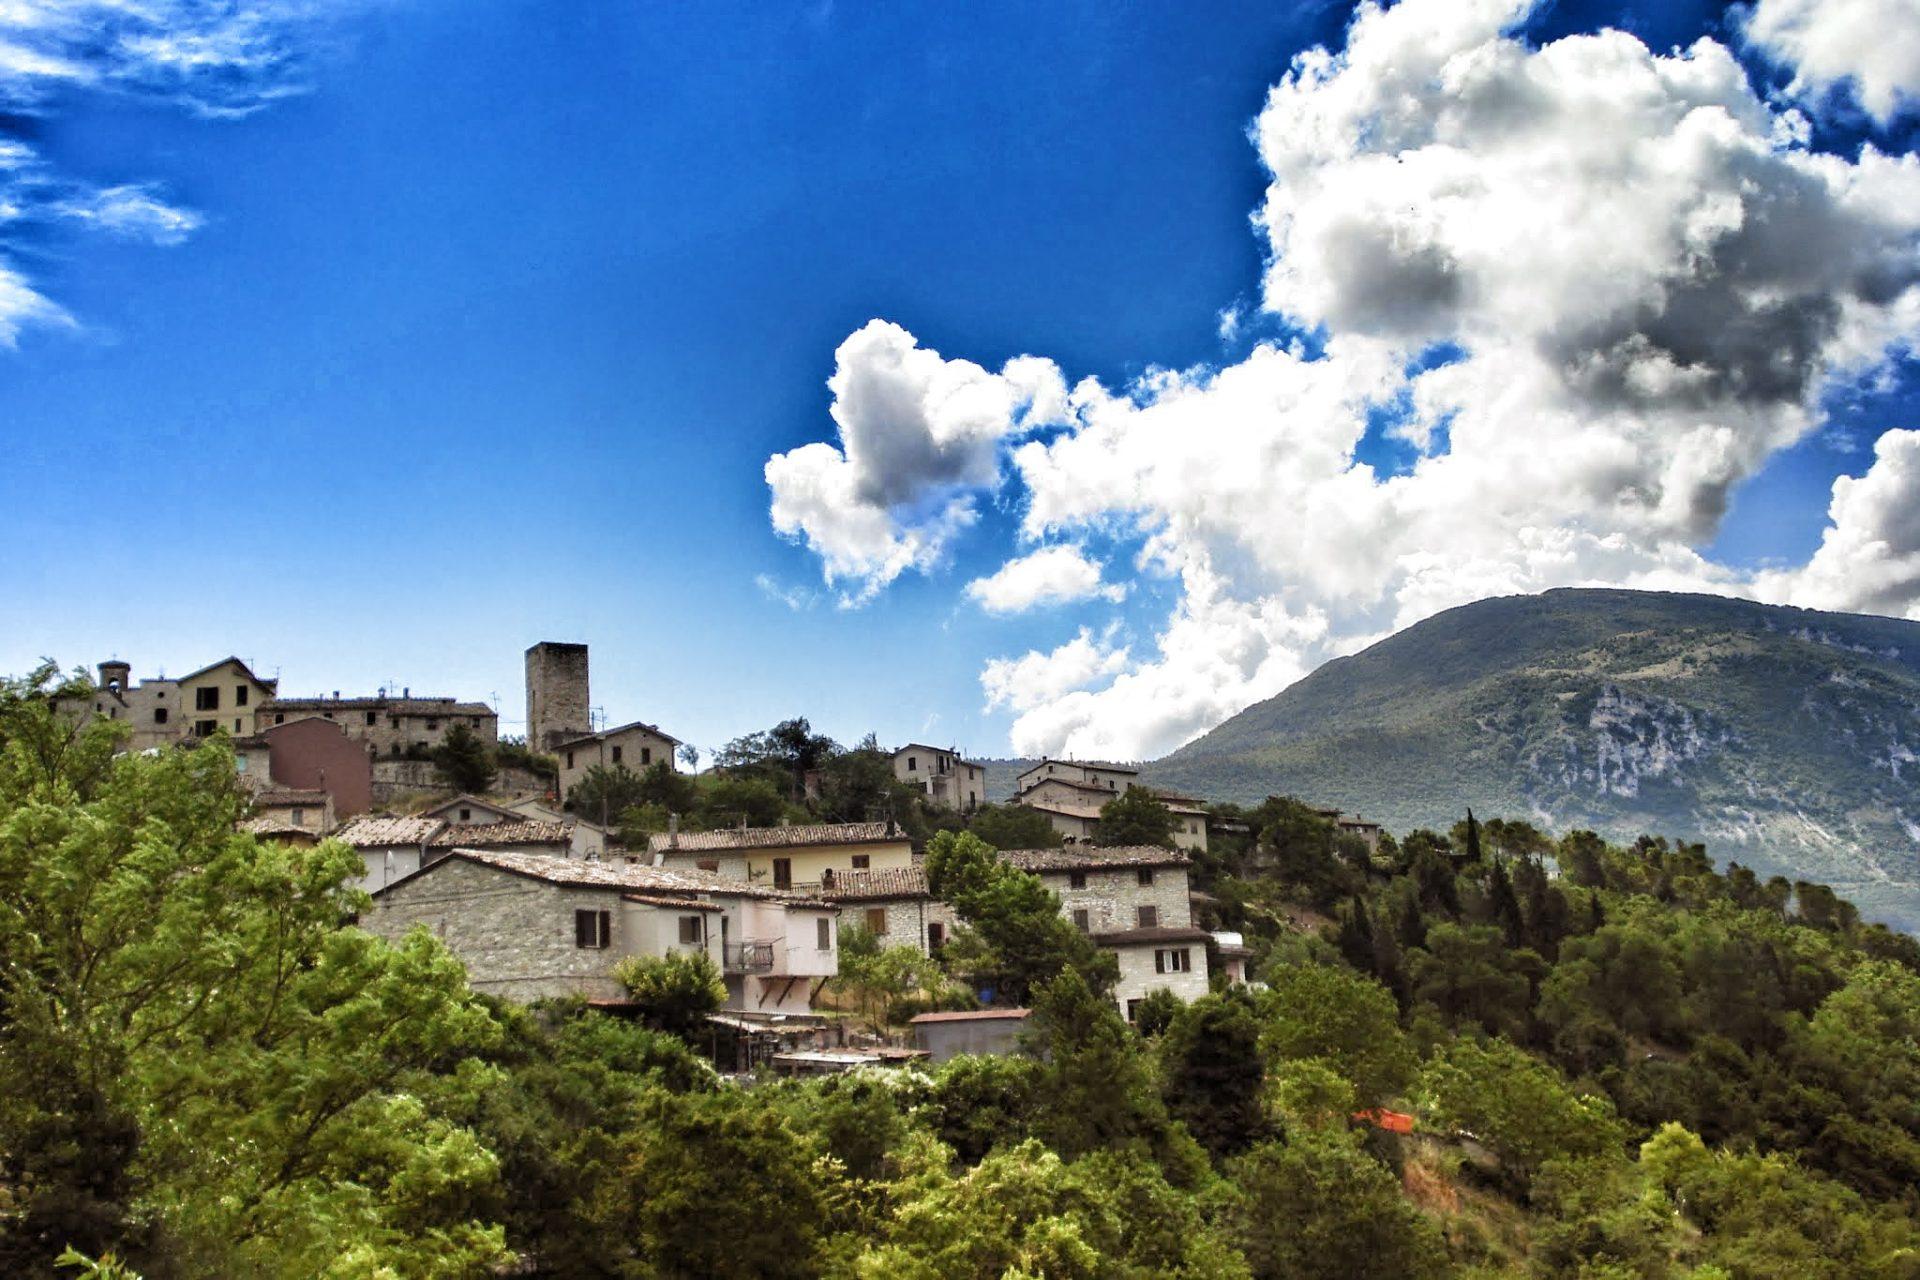 Pierosara, il borgo medioevale sospeso tra leggenda e magia del paesaggio